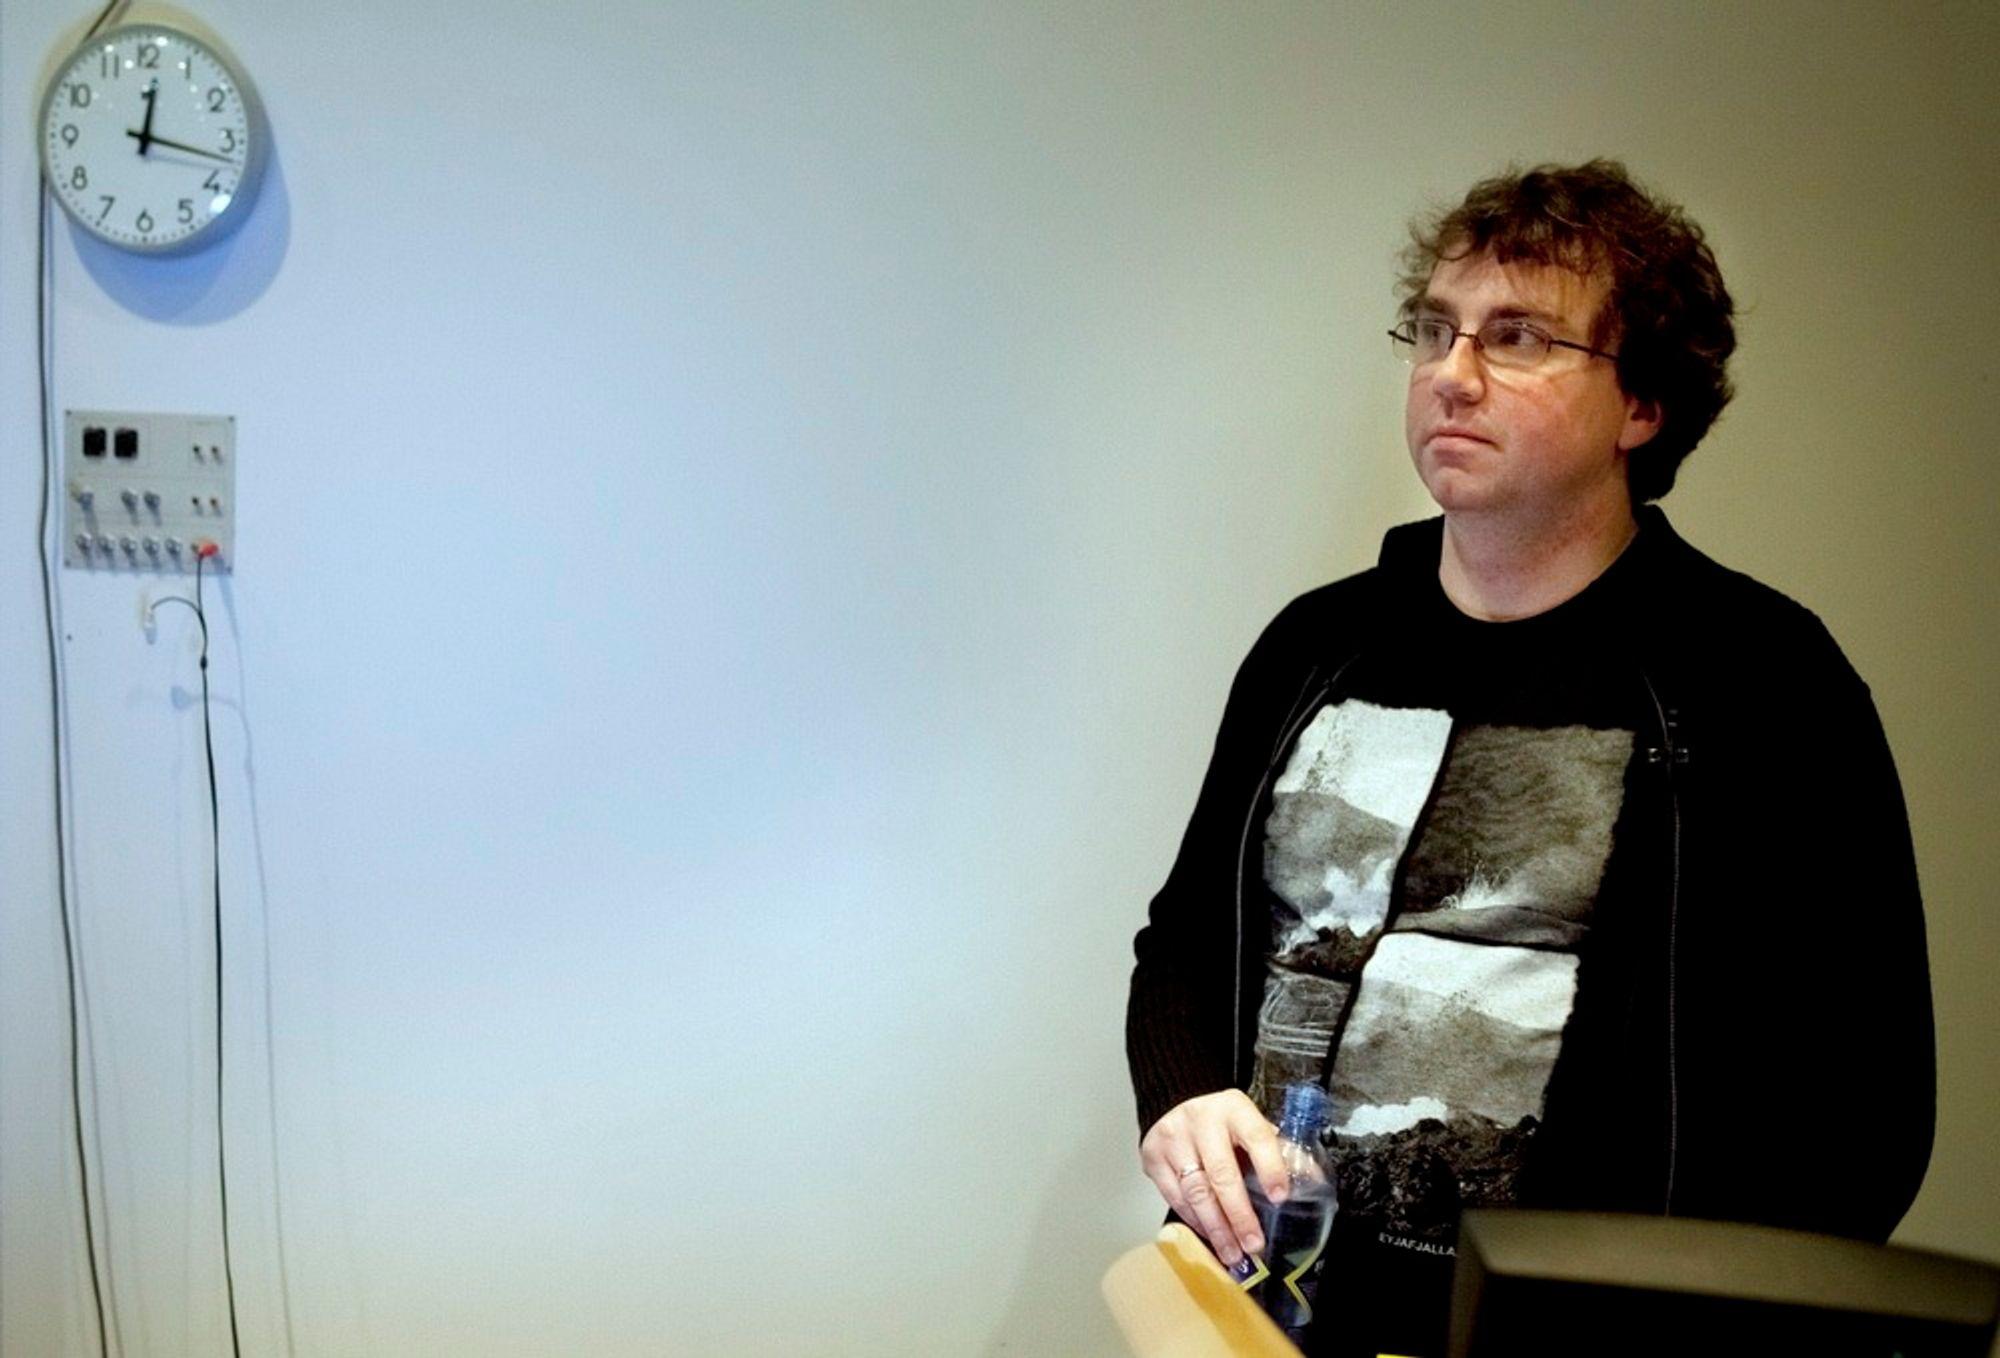 Googles sikkerhetssjef Úlfar Erlingsson holdt et sjeldent offentlig foredrag i Norge da han mandag gjestet Universitetet i Tromsø der han åpent fortalte om sikkerhetsutfordringene Google står overfor. Dårlig sikkerhet hos andre selskaper er en større fare enn direkte dataangrep, sa Einarsson.